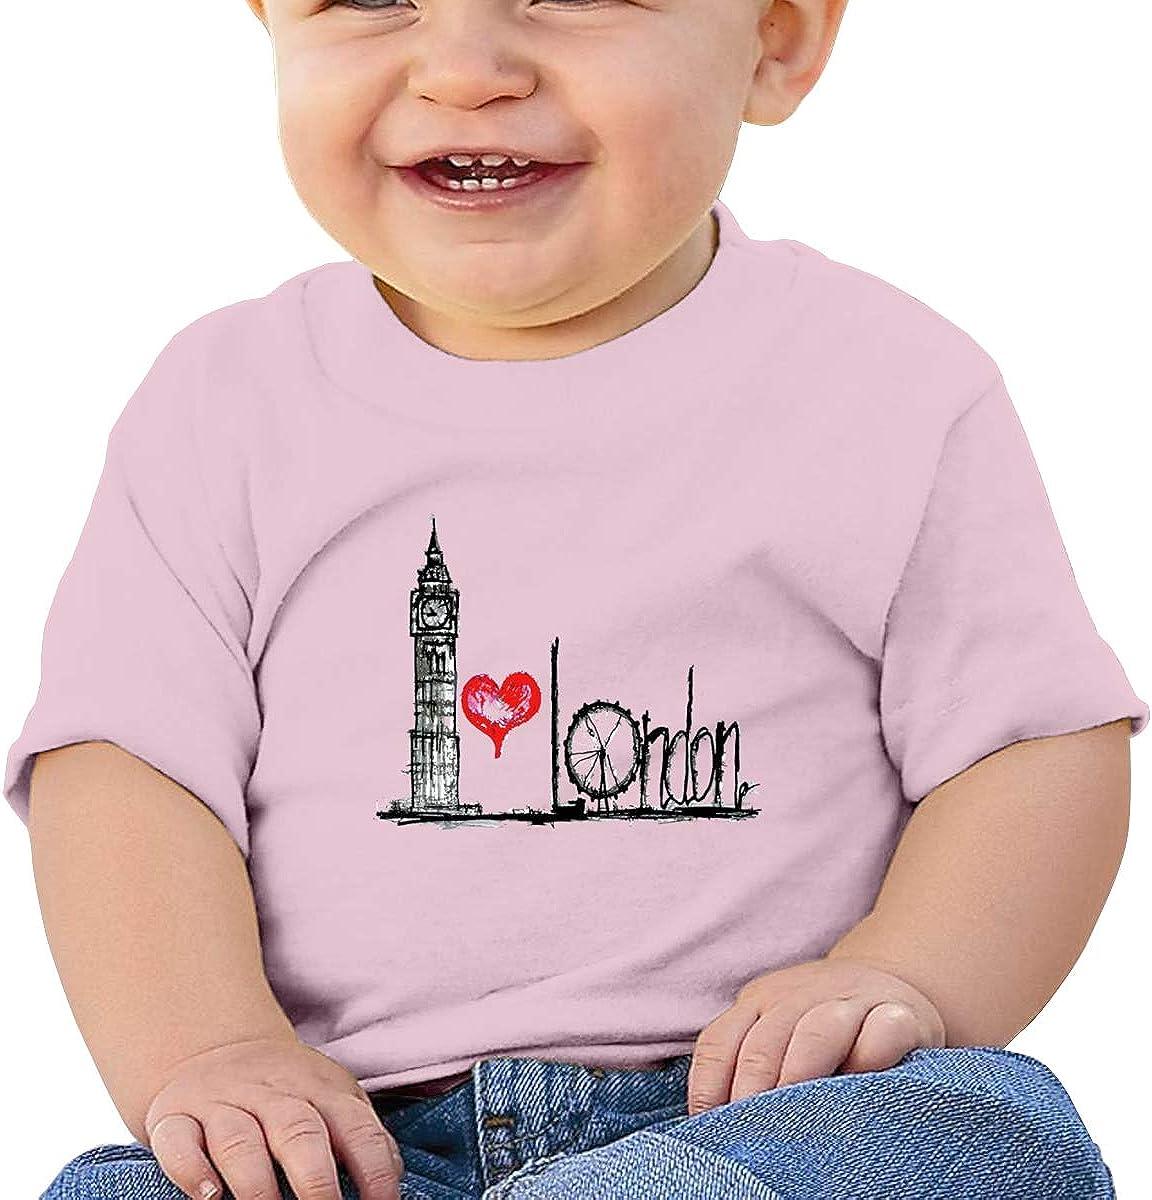 Negi Funny Christmas Pickleball Short Sleeve T-Shirt Best for Boy Kids